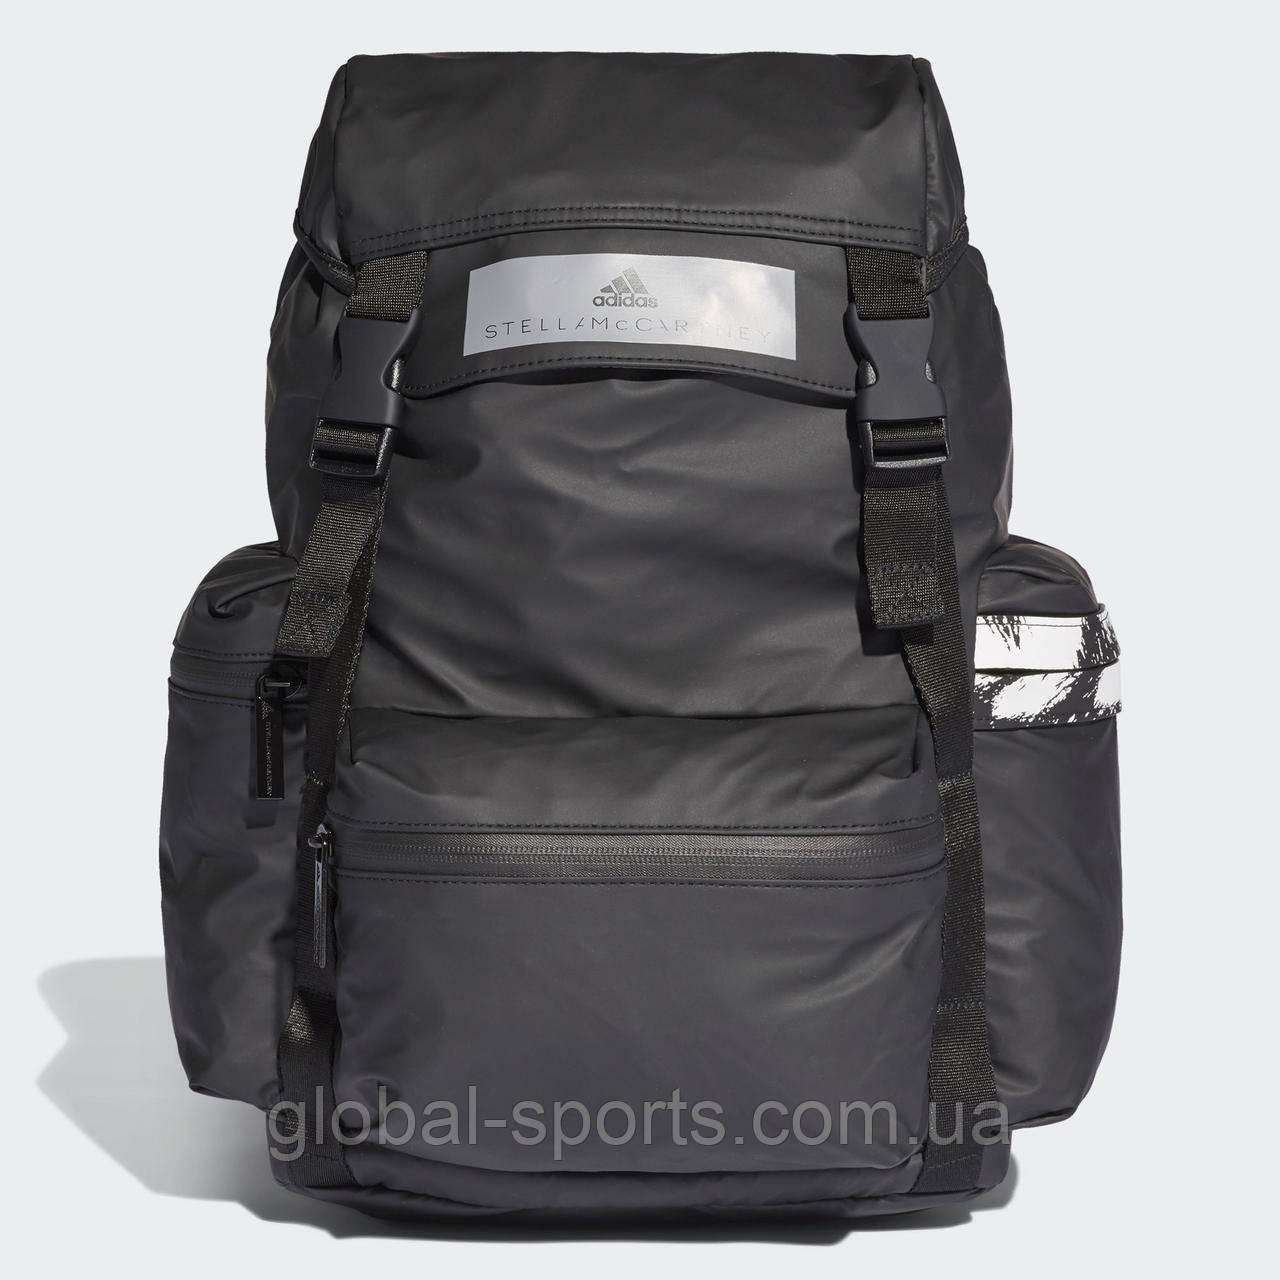 1a45a41ac2ec Женский рюкзак Adidas by Stella McCartney aSMC Gym BP(Артикул:DT5428) -  магазин